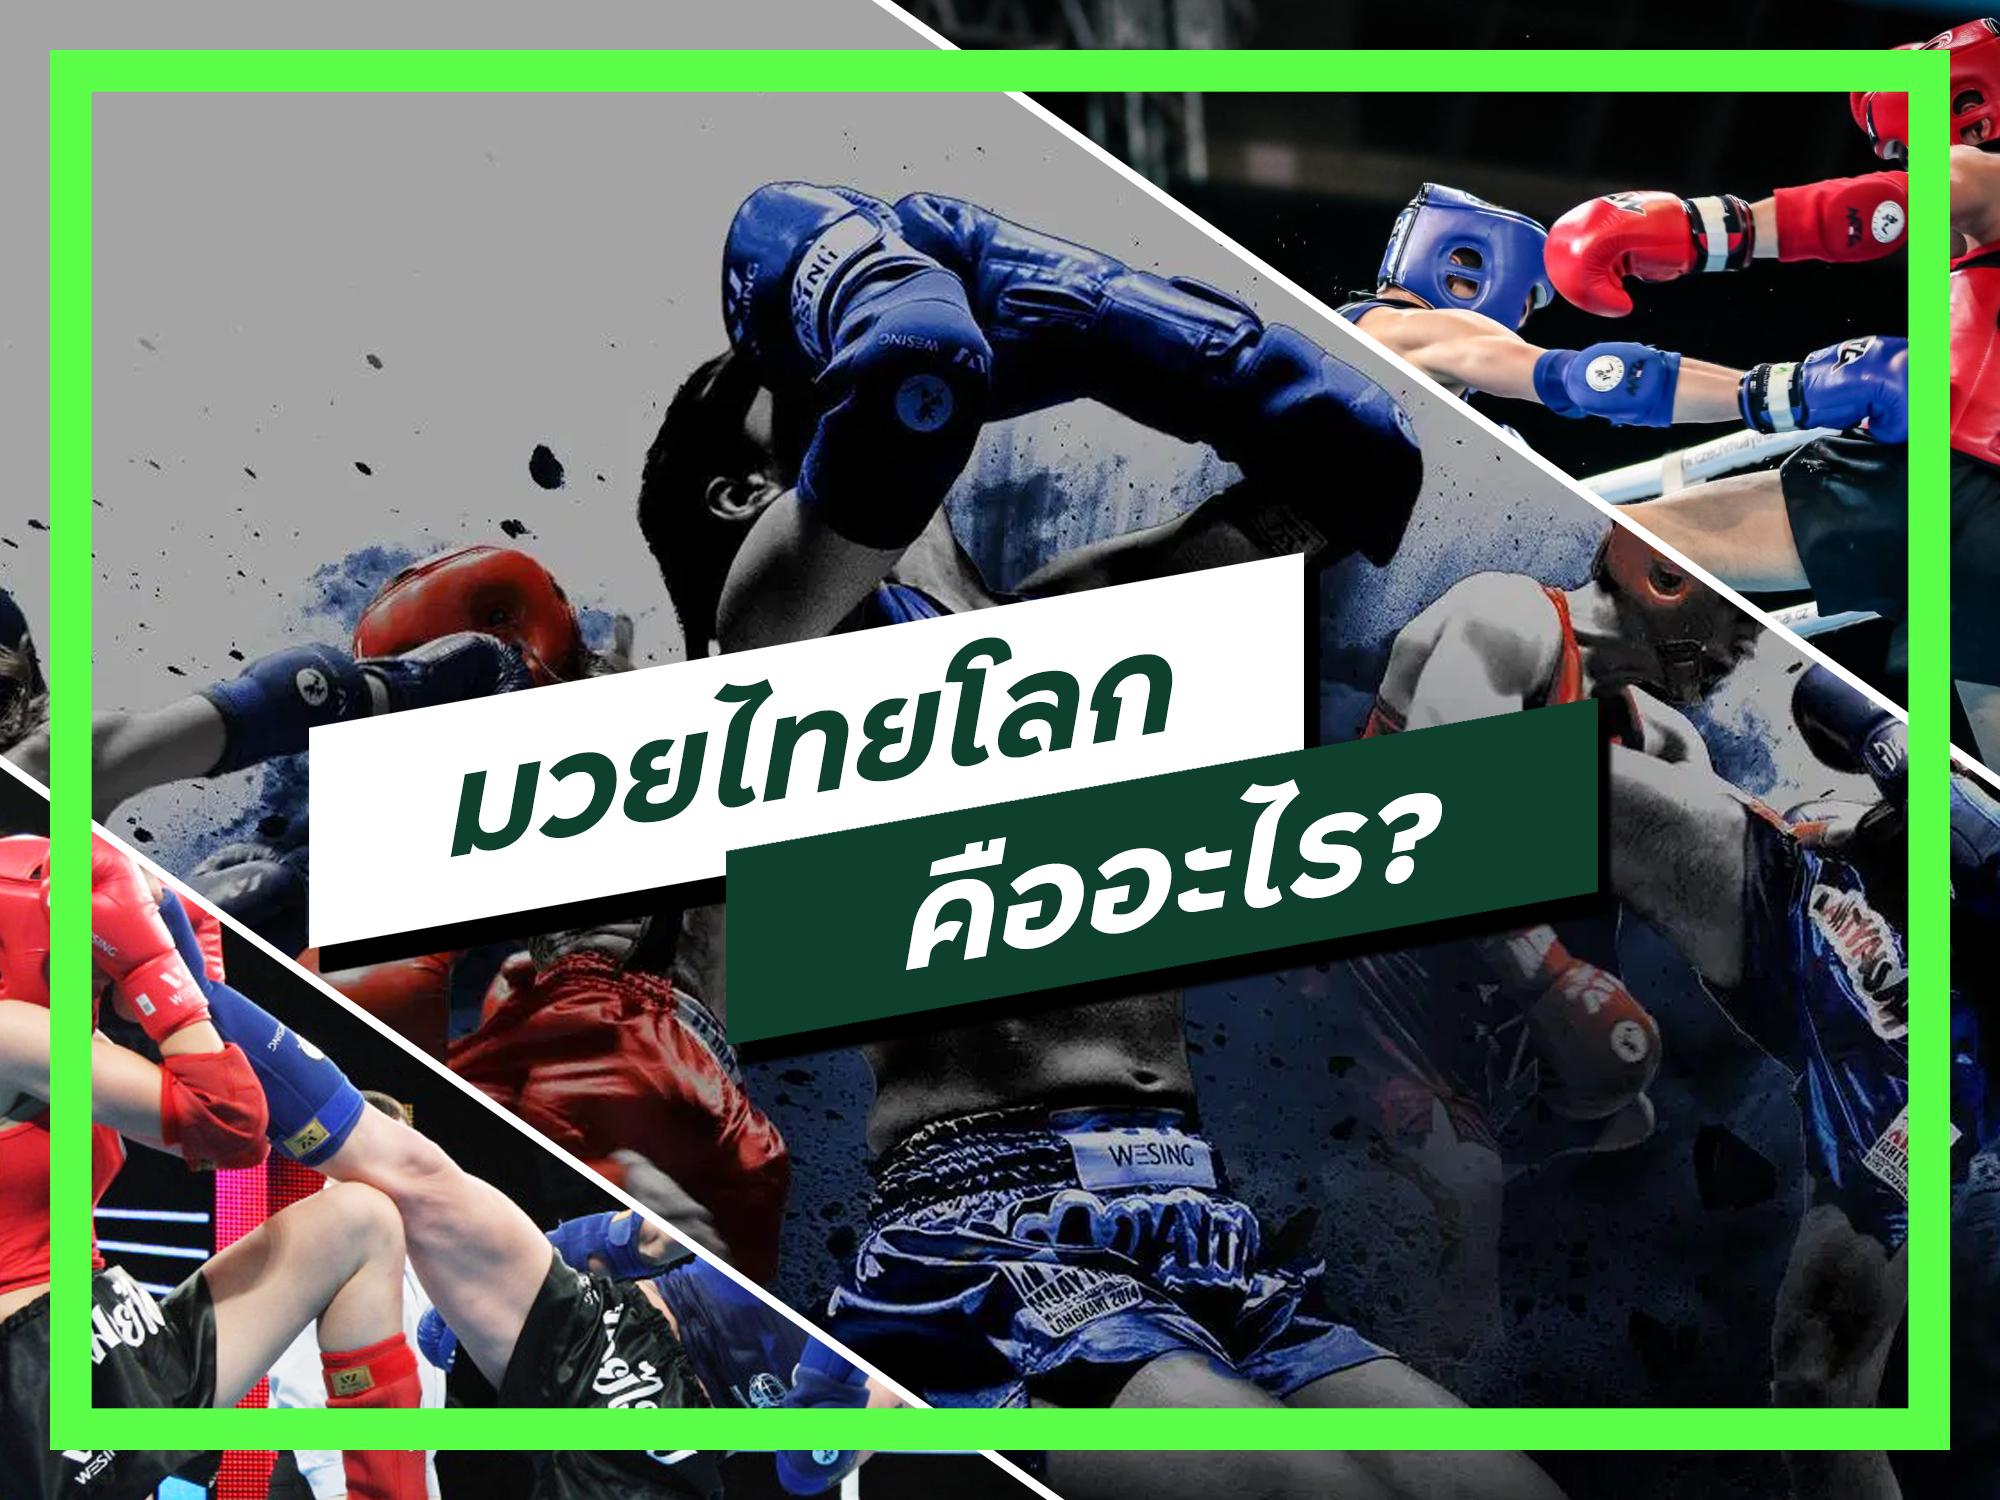 มวยไทยโลก คืออะไร?